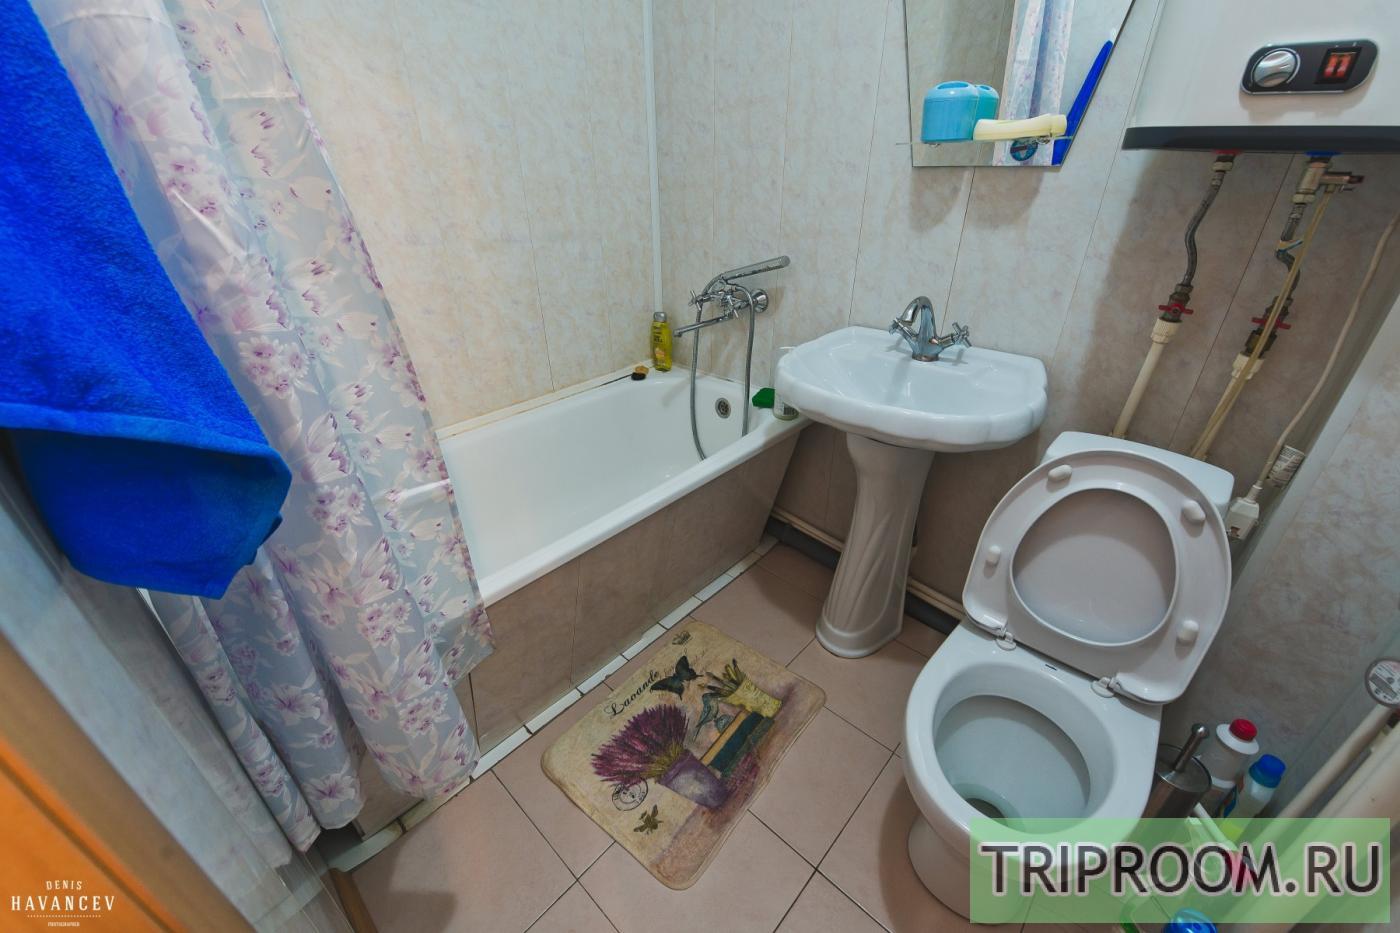 1-комнатная квартира посуточно (вариант № 14830), ул. Рахова улица, фото № 11